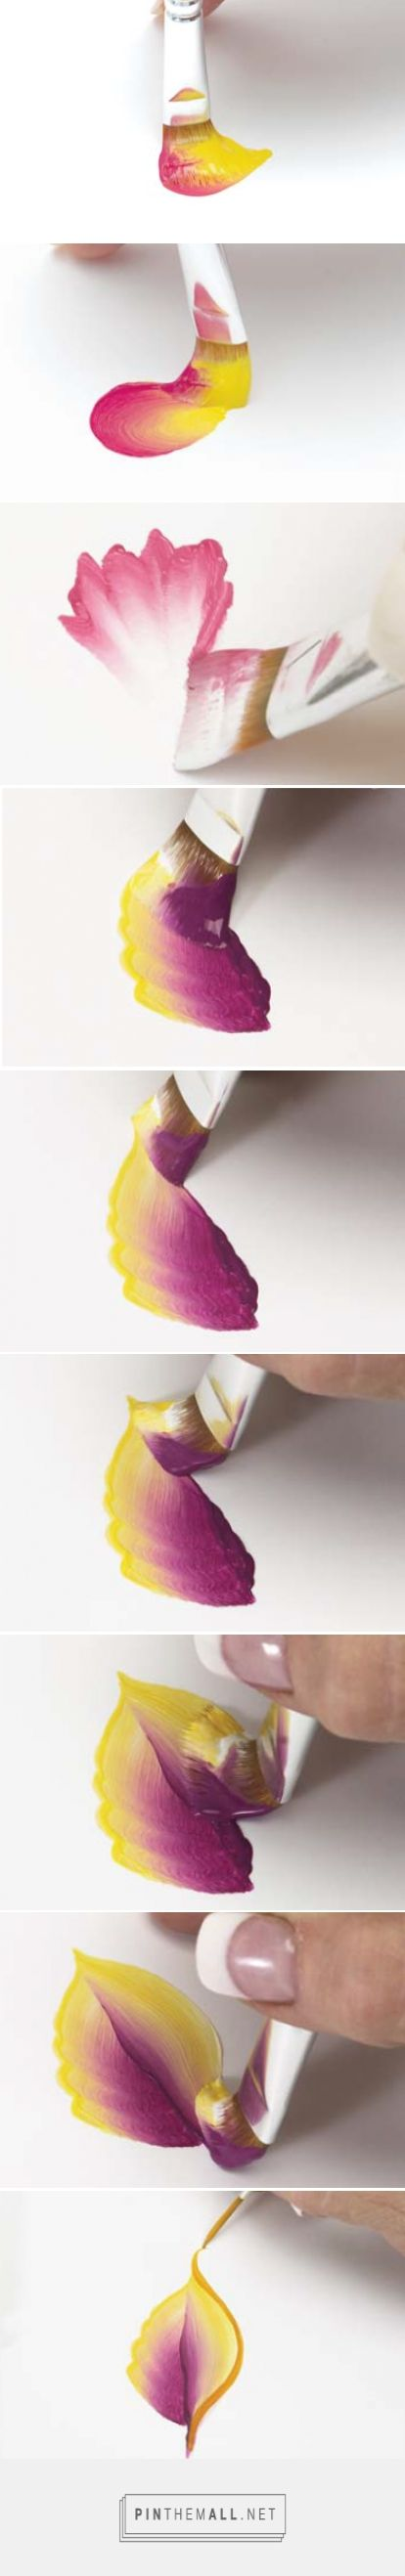 Techniques de base pour faire des pétales de fleur à la peinture acrylique